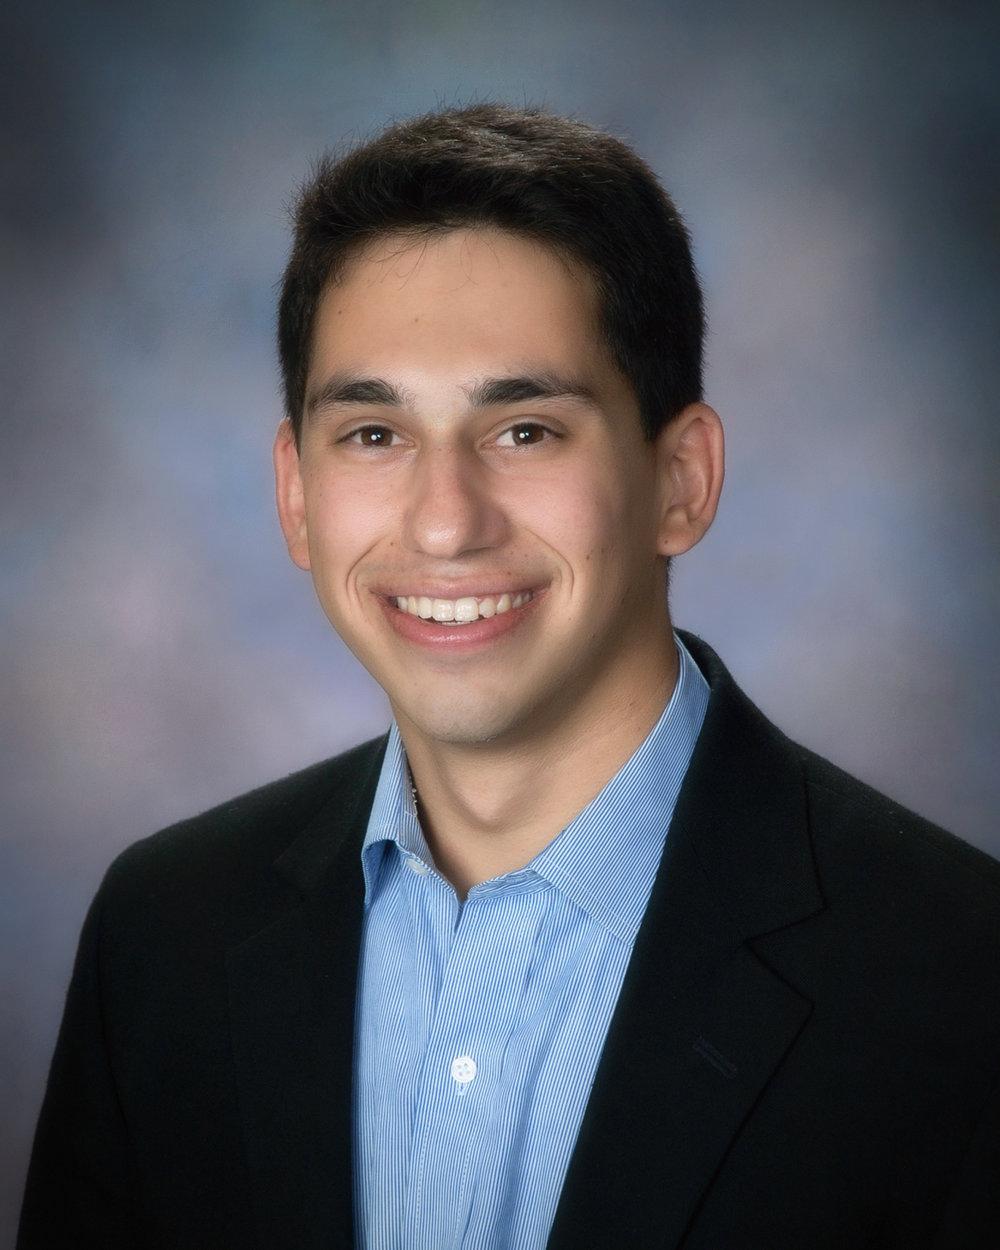 Matt Coleman (Northeastern)